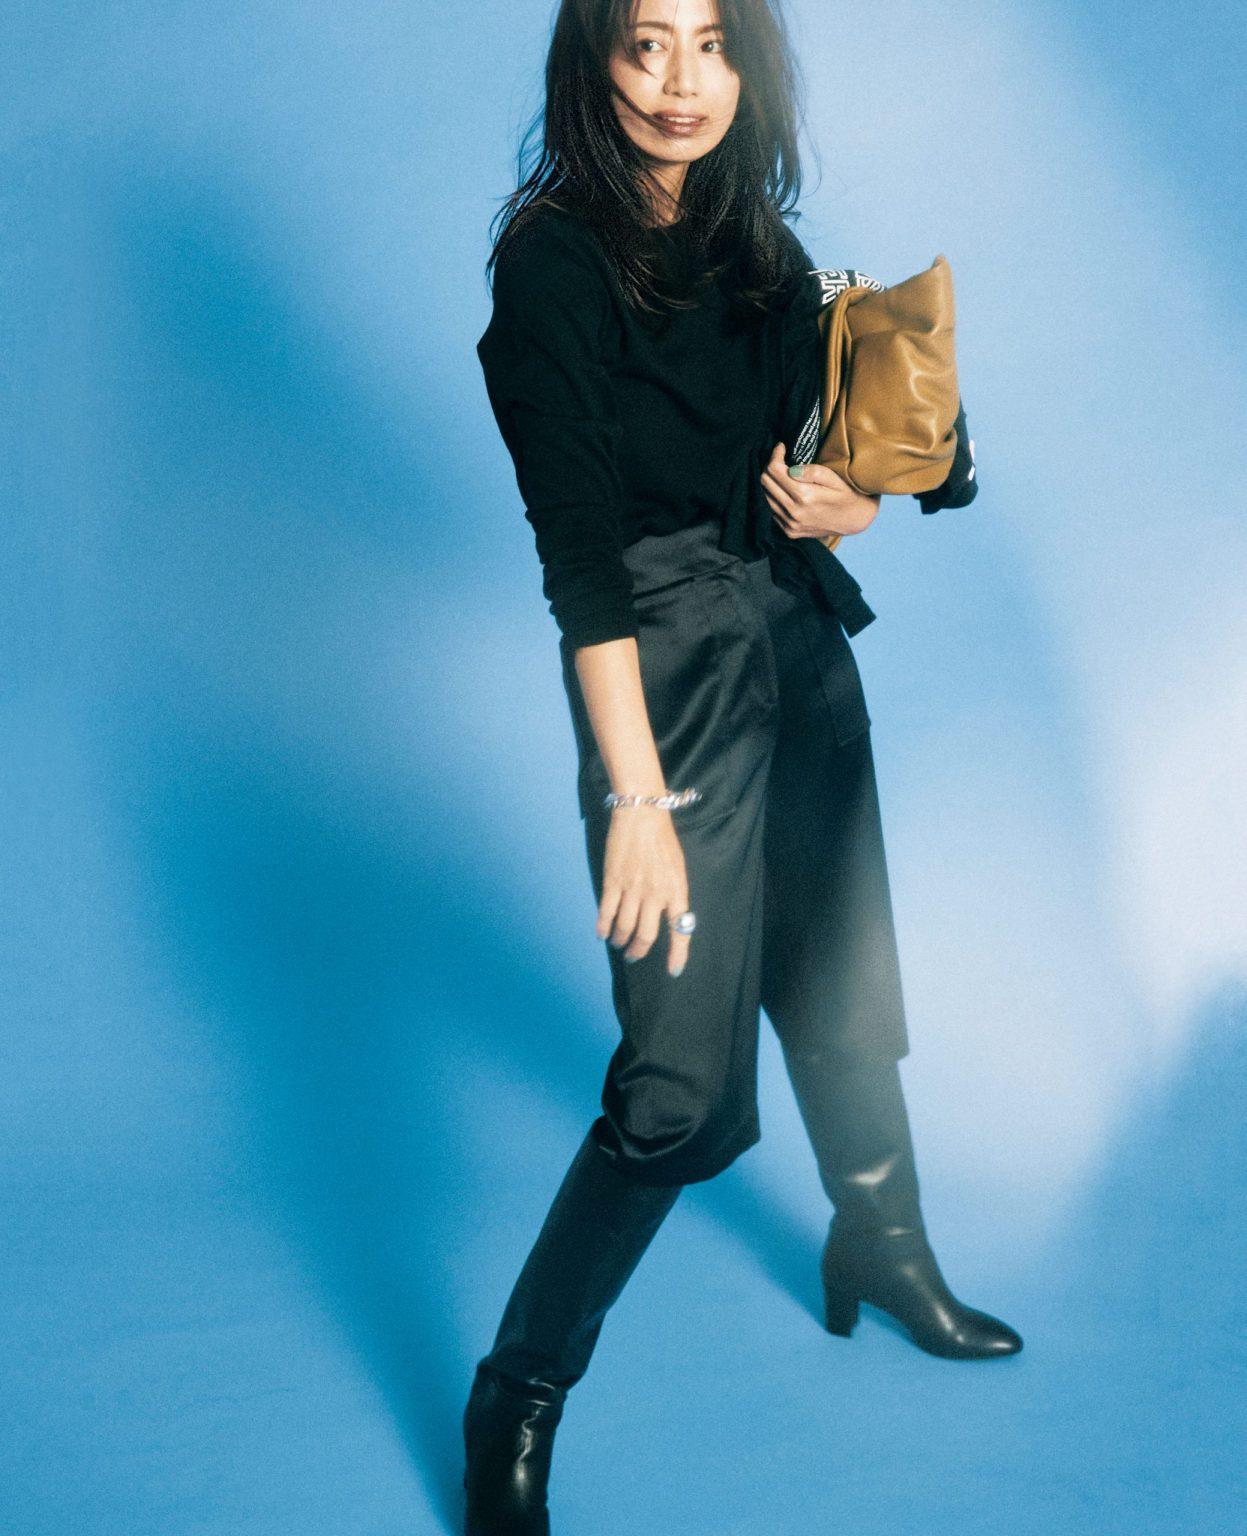 東原亜希さんが着こなす黒パンツの黒ワントーンコーデ